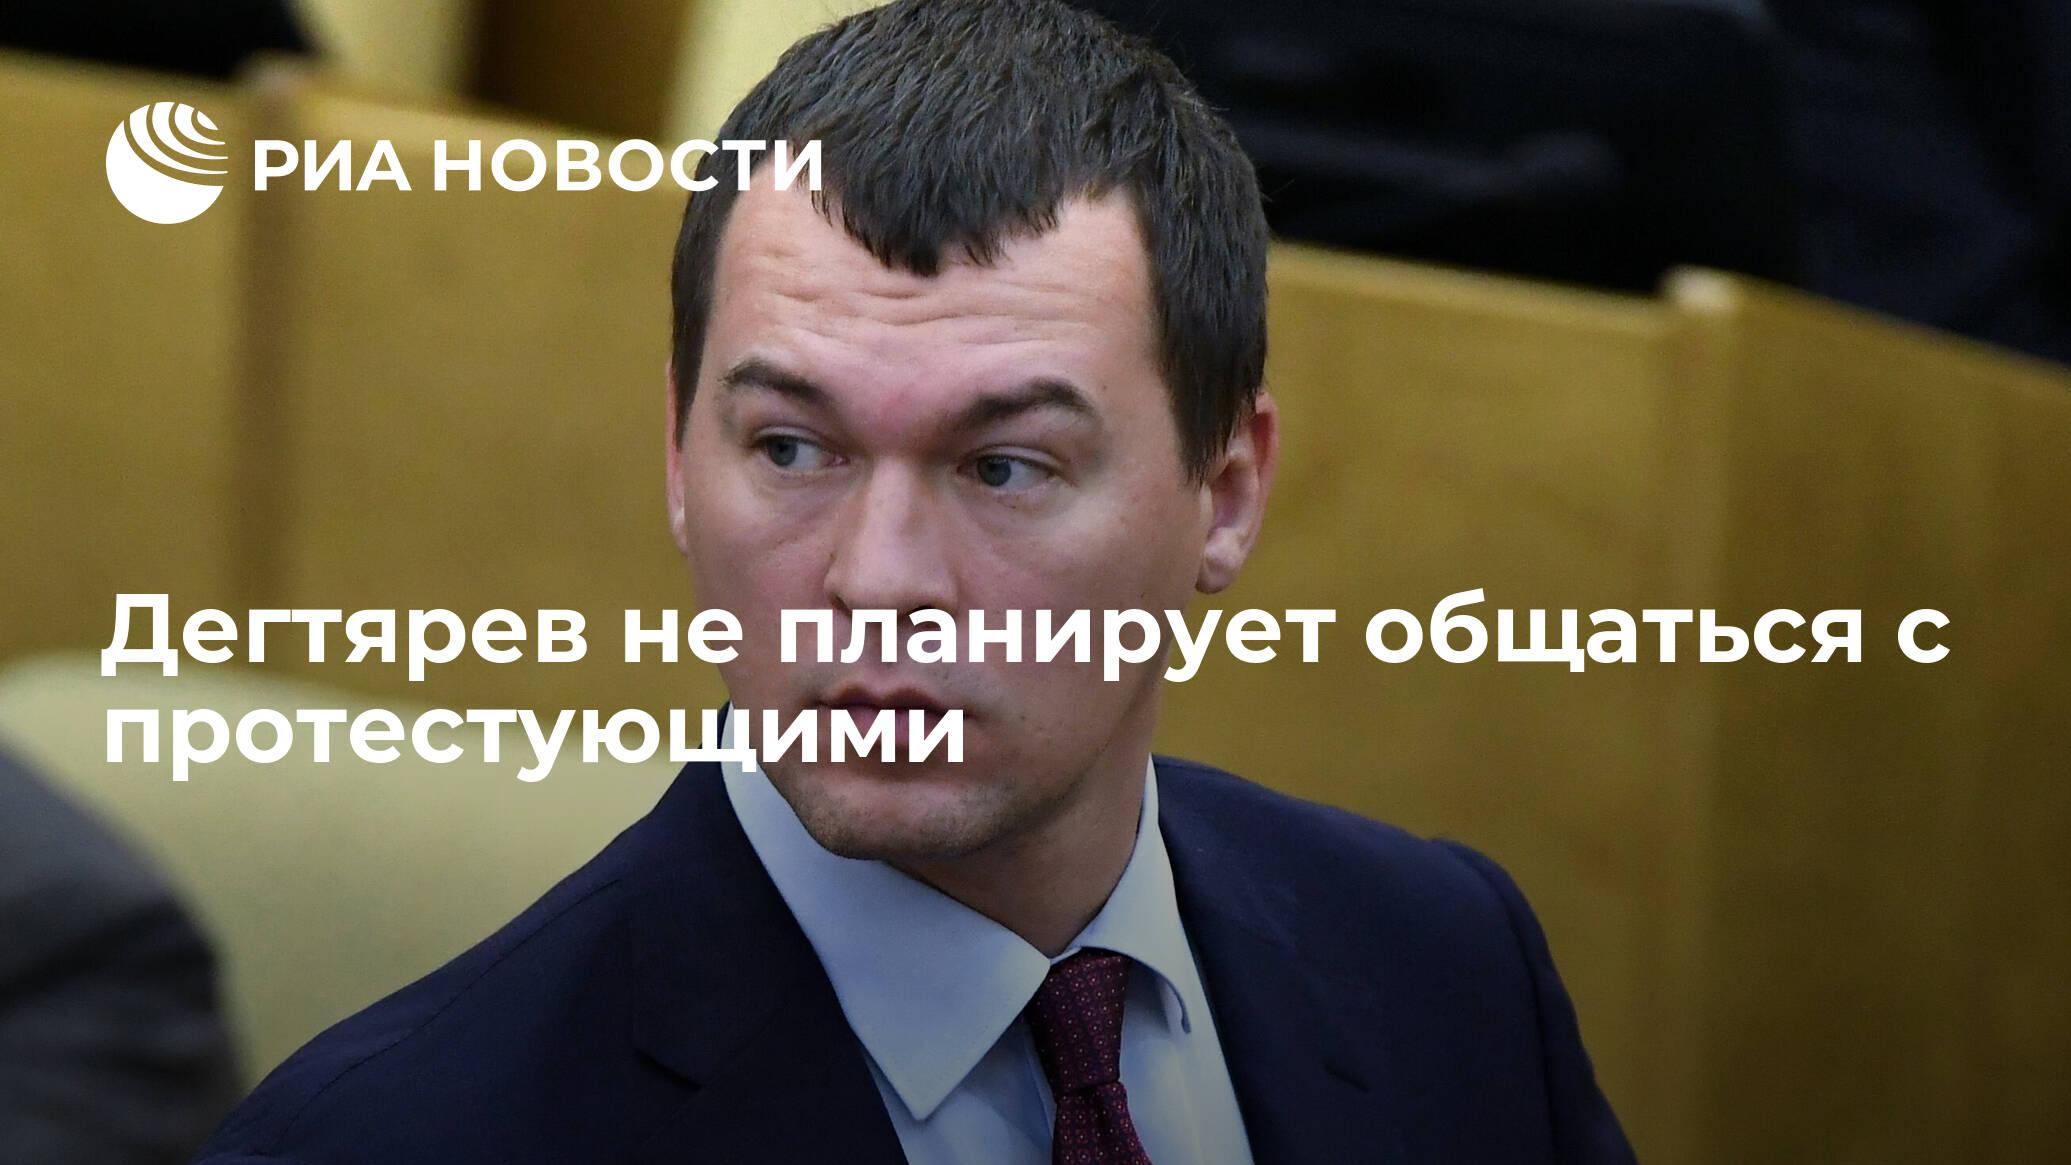 Дегтярев отказался говорить с митингующими